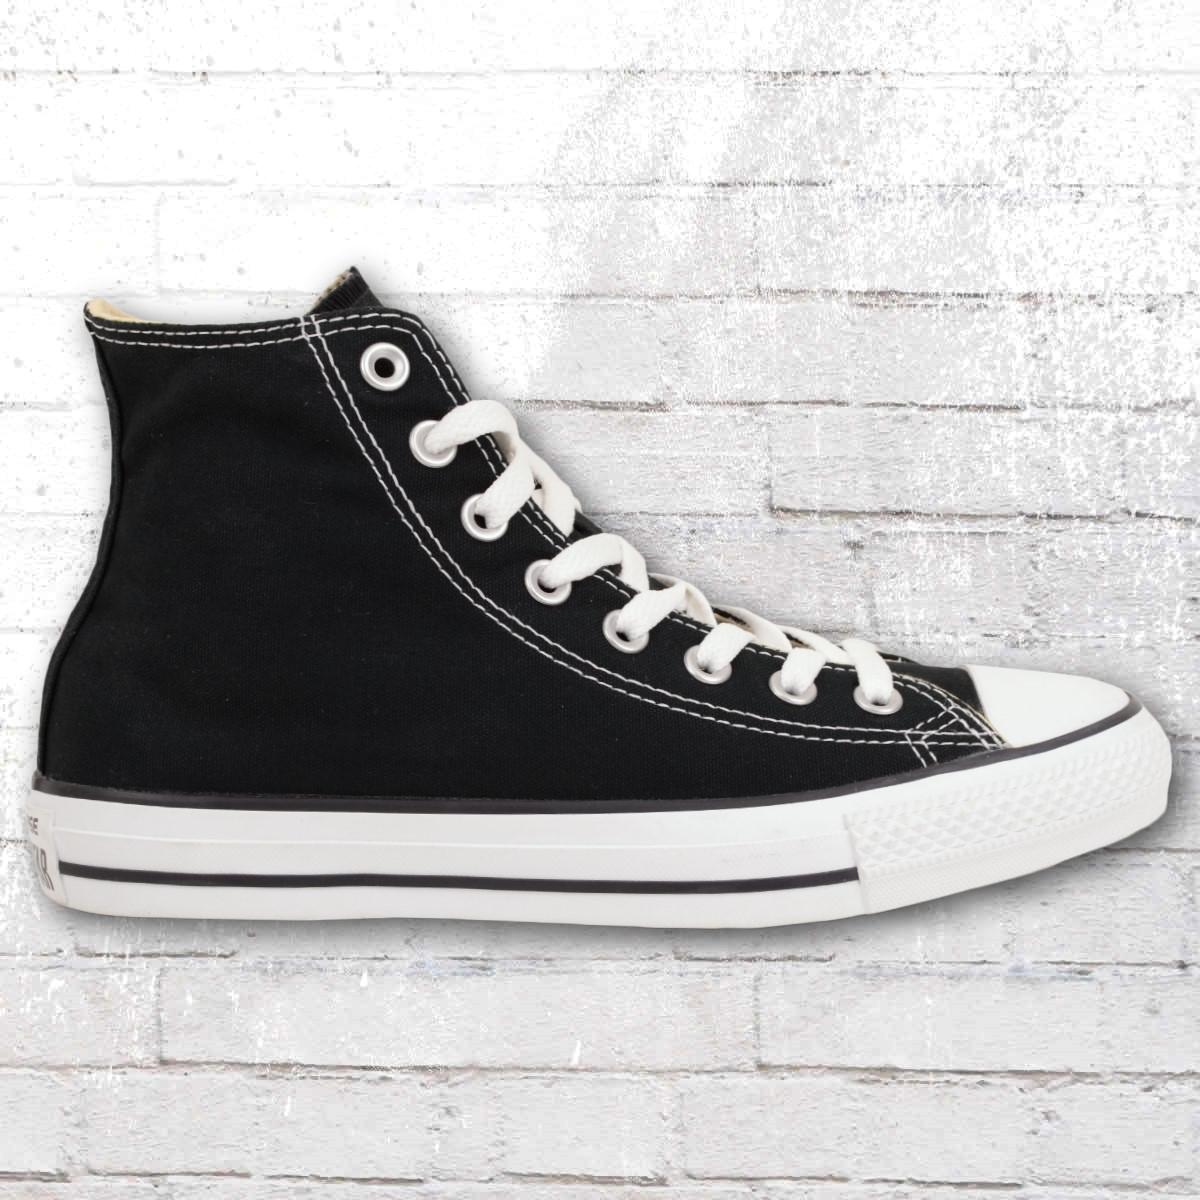 91c77da7c329 Jetzt bestellen   Converse Chucks Schuhe M 9160 schwarz   krasse ...